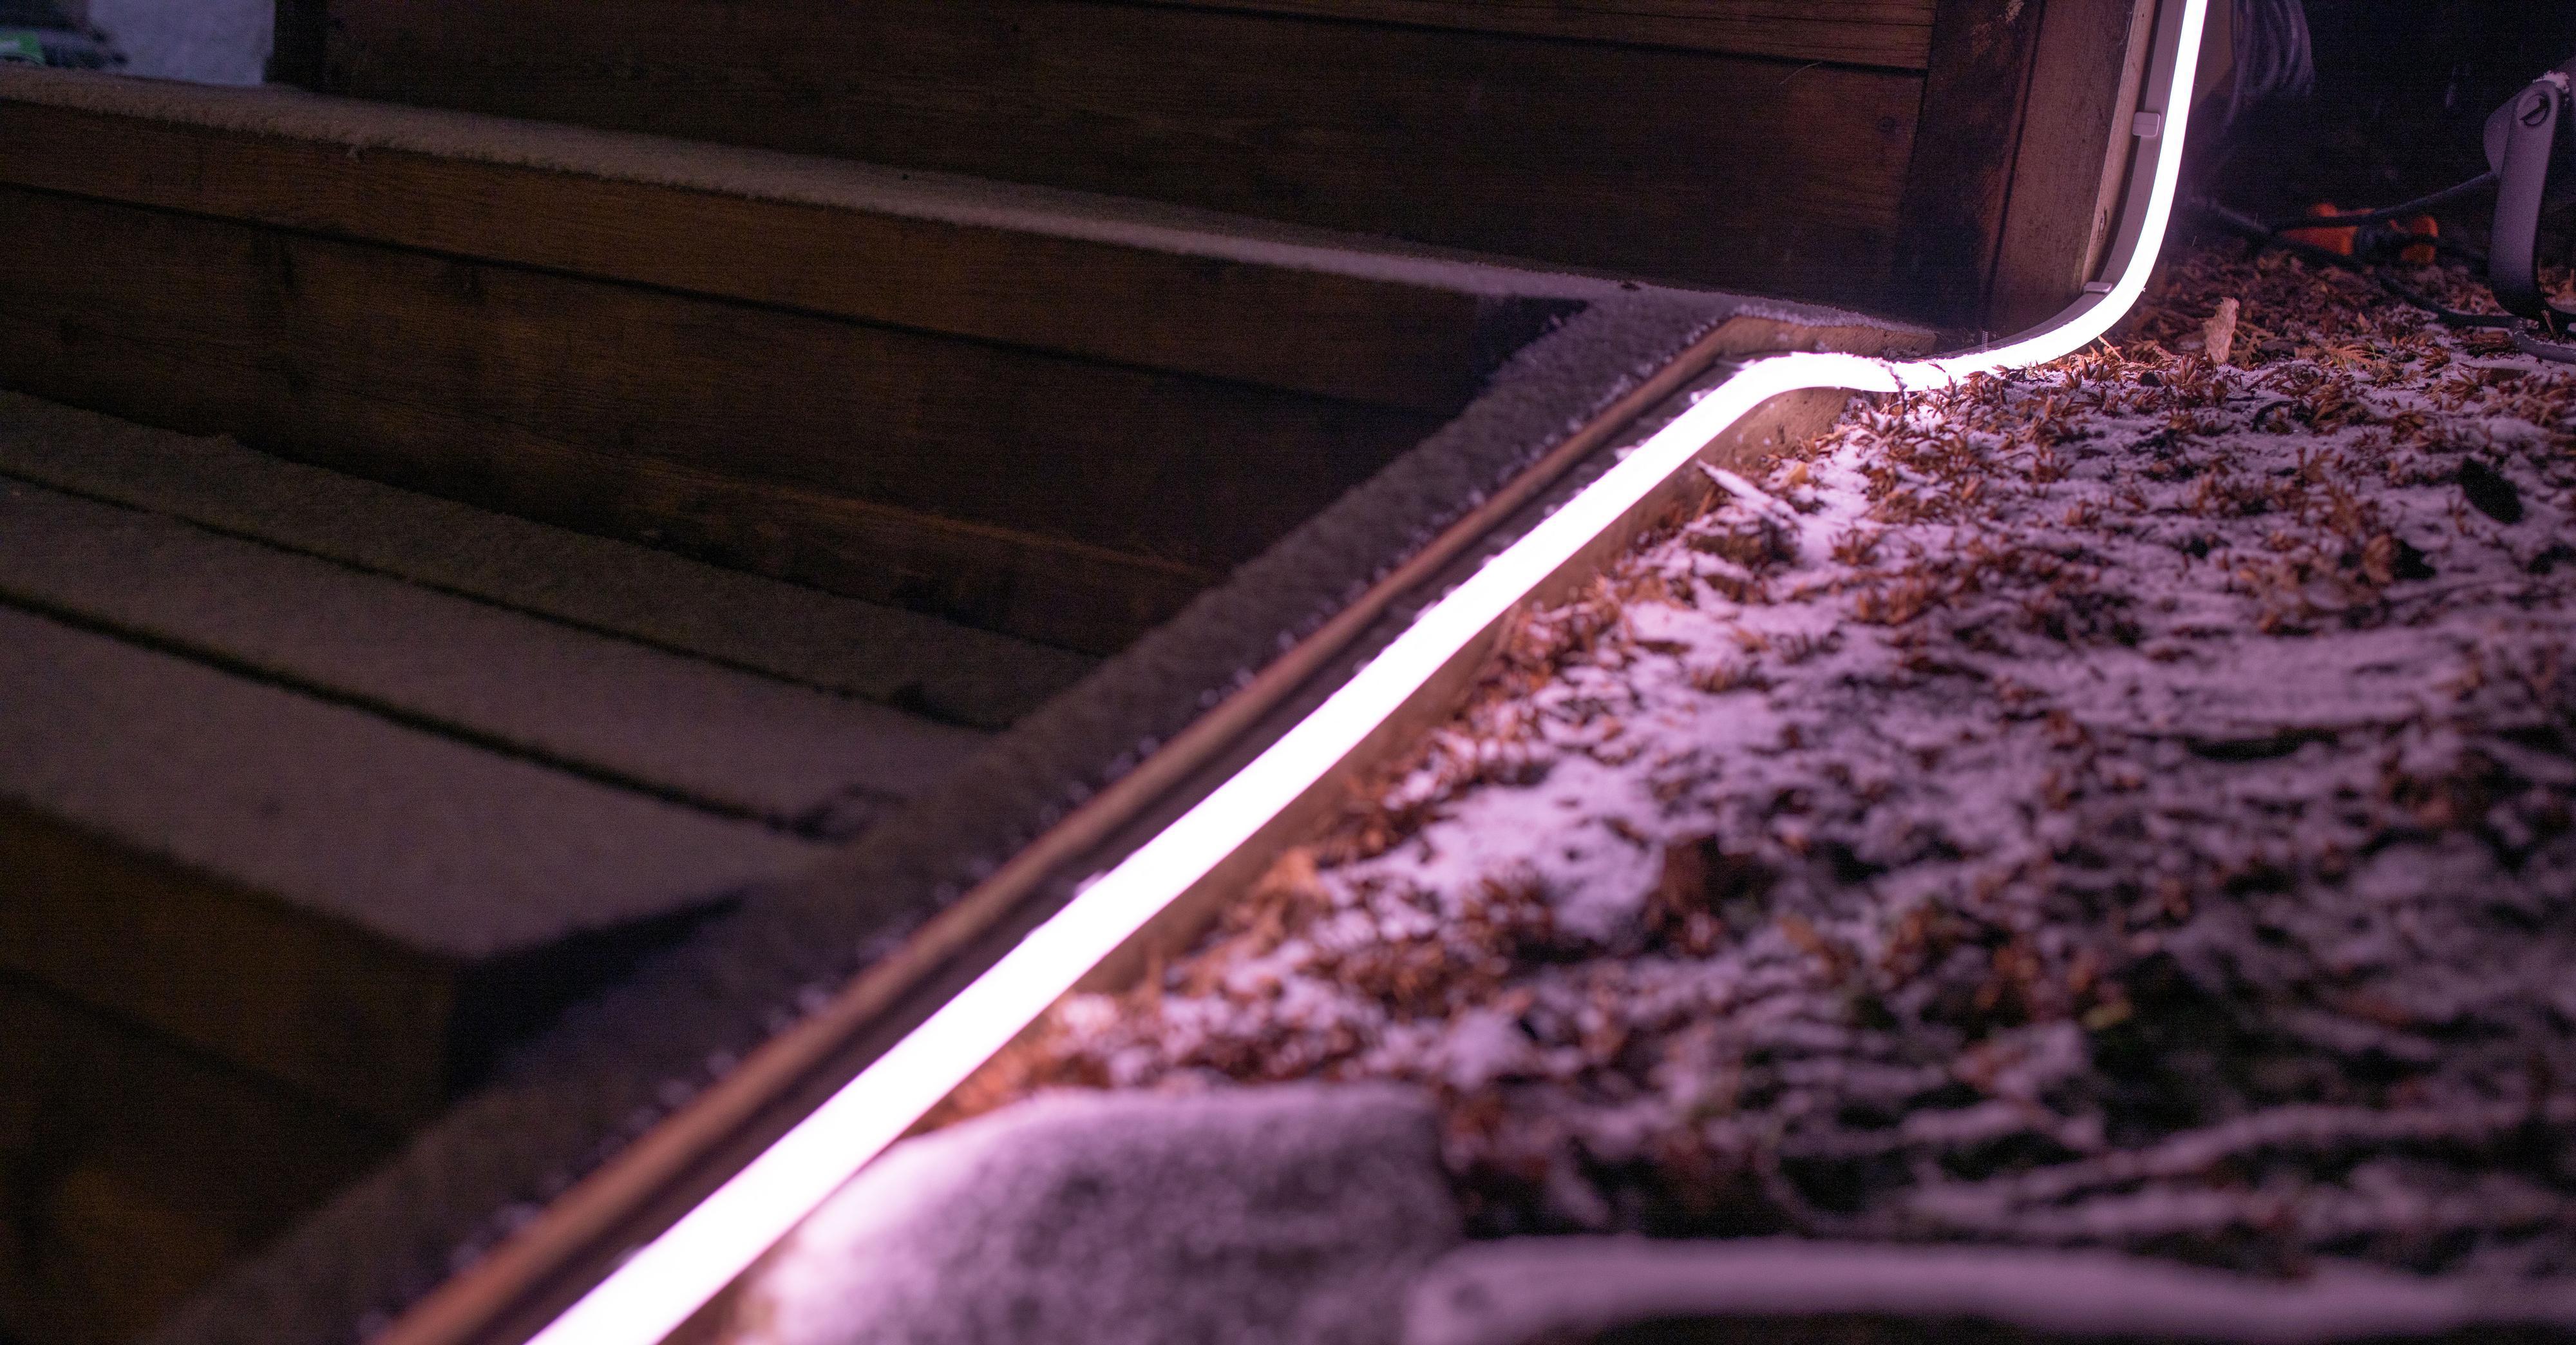 Utendørsvarianten av Philips Hues lysstripe imponerte stort, og ser superlekker ut.